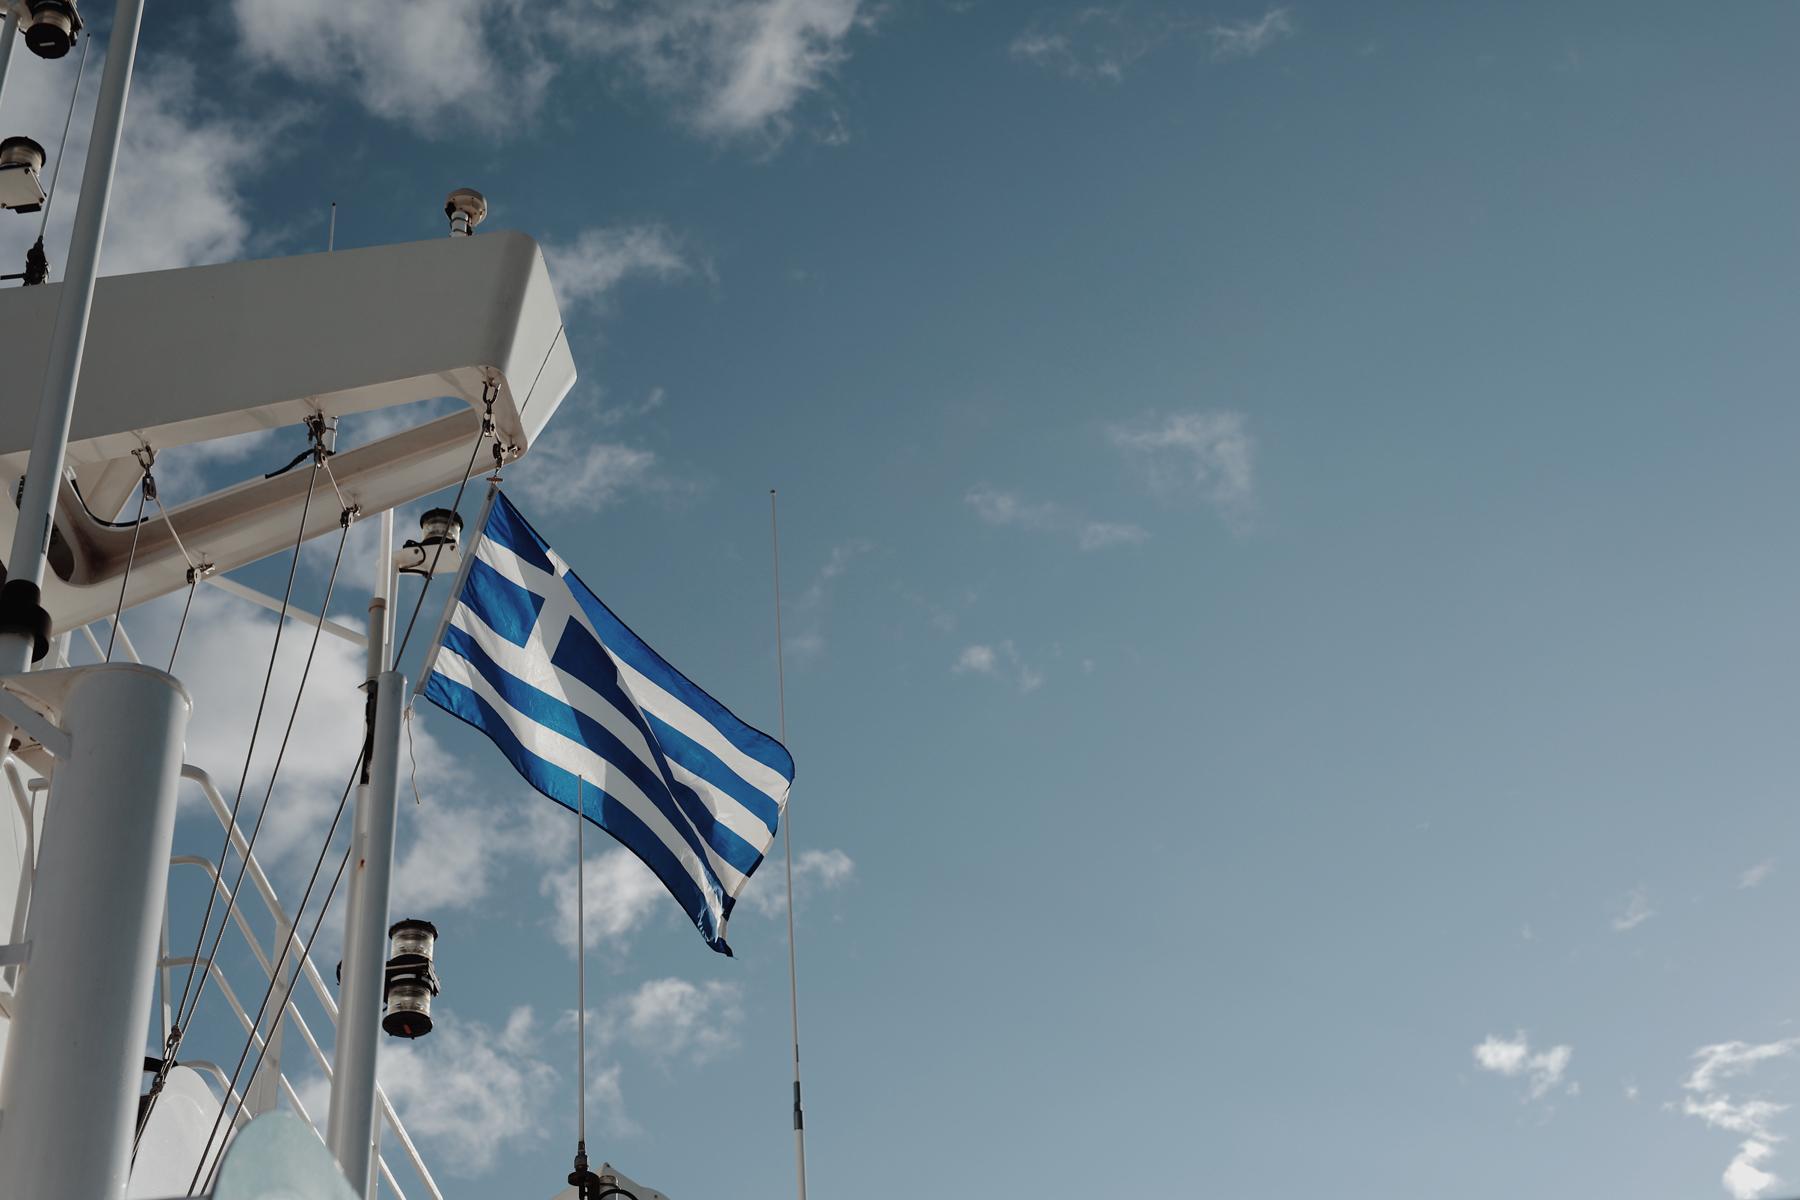 Gastbeitrag: Blaue Reise Griechenland – mit Abstand der entspannteste Urlaub 2020